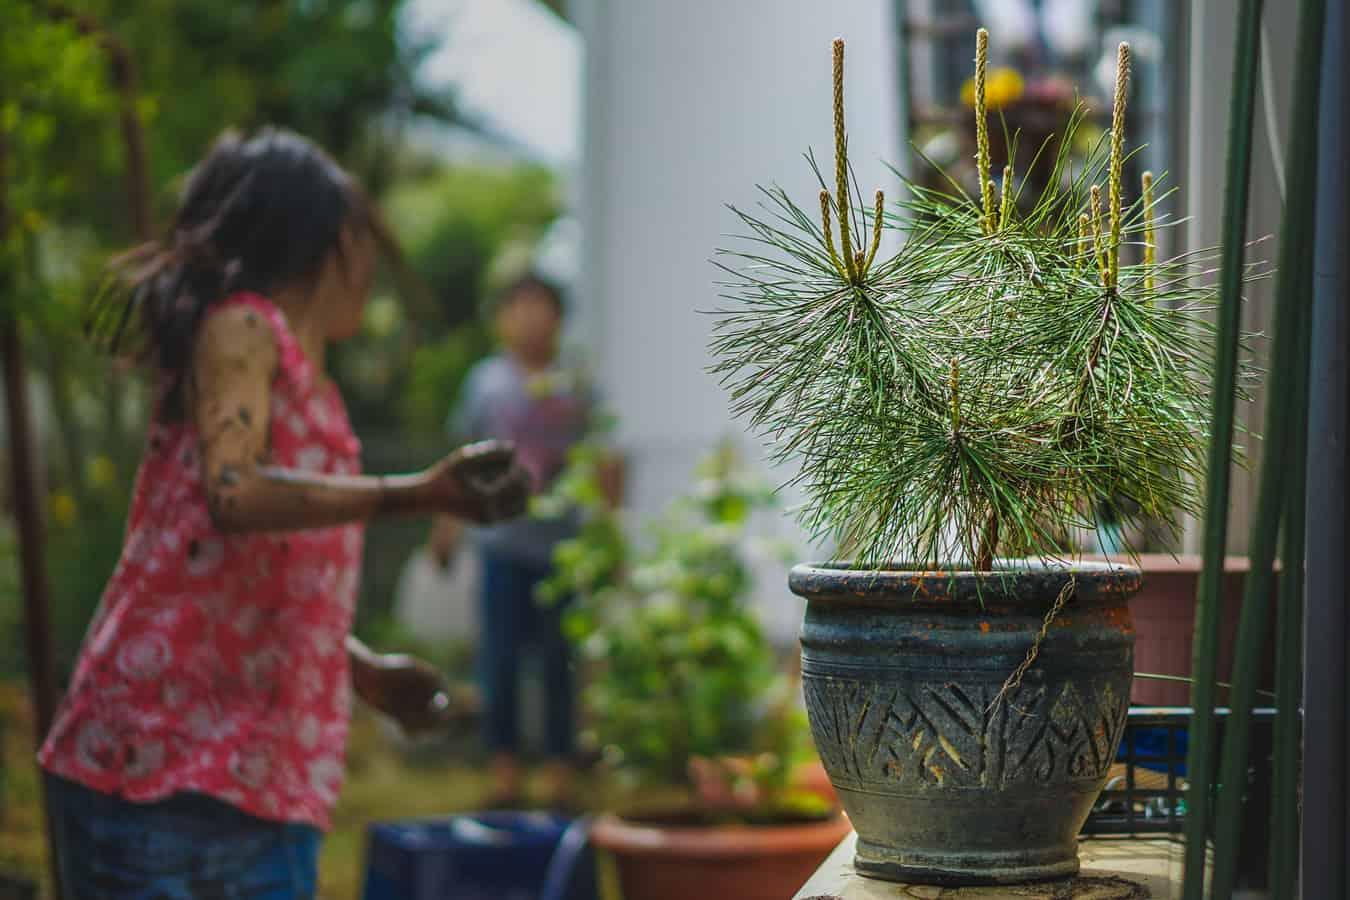 best-garden-activities-for-kids-6-digging